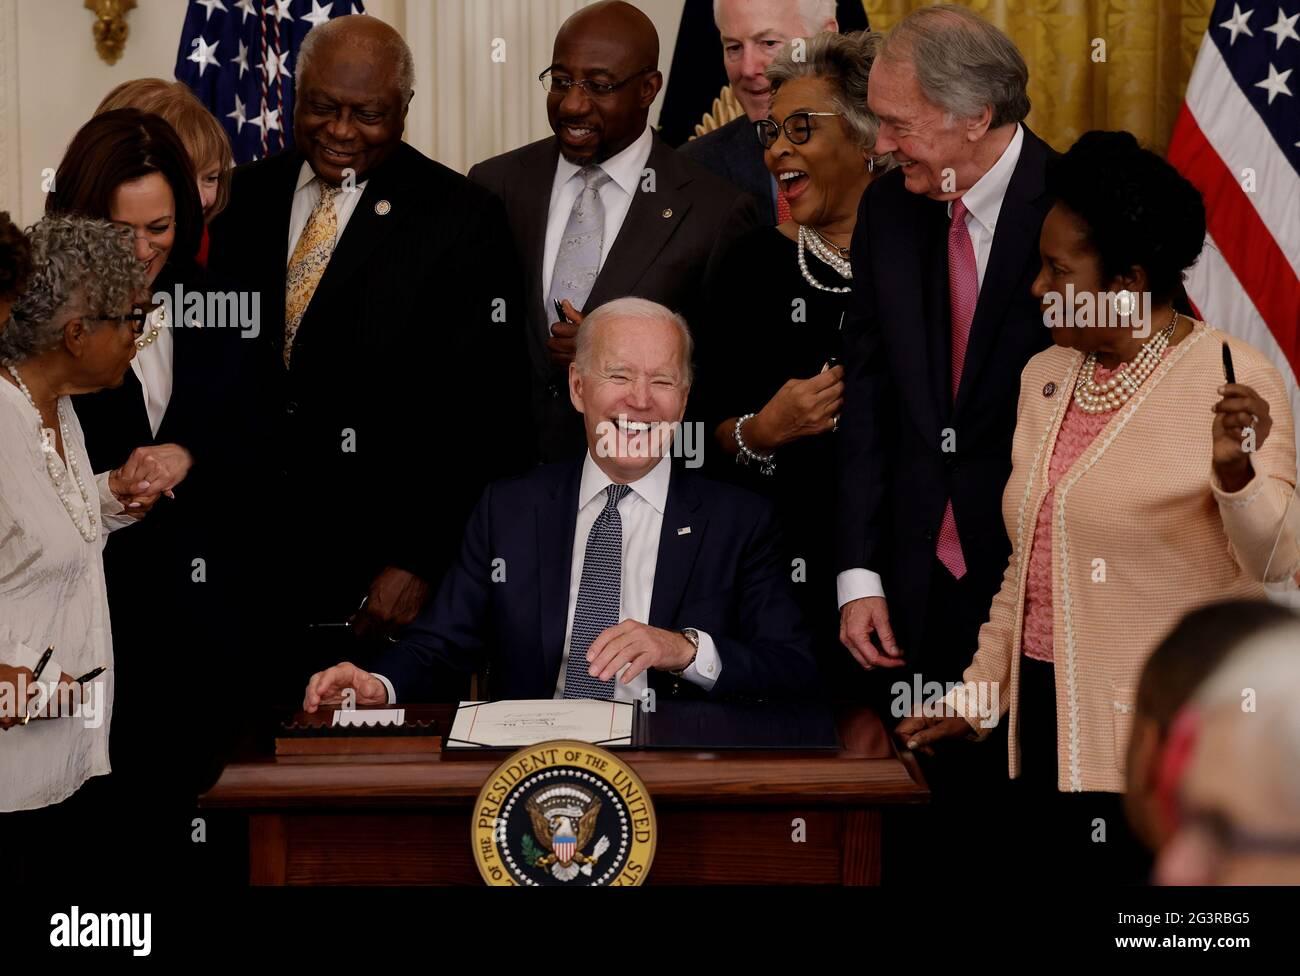 Il presidente degli Stati Uniti Joe Biden ride con il vice presidente Kamala Harris e i membri del Congresso mentre firma il Juneteicentesimo National Independence Day Act in legge come Vice presidente Kamala Harris si trova nella stanza orientale della Casa Bianca a Washington, Stati Uniti, 17 giugno 2021. REUTERS/Carlos Barrio Foto Stock